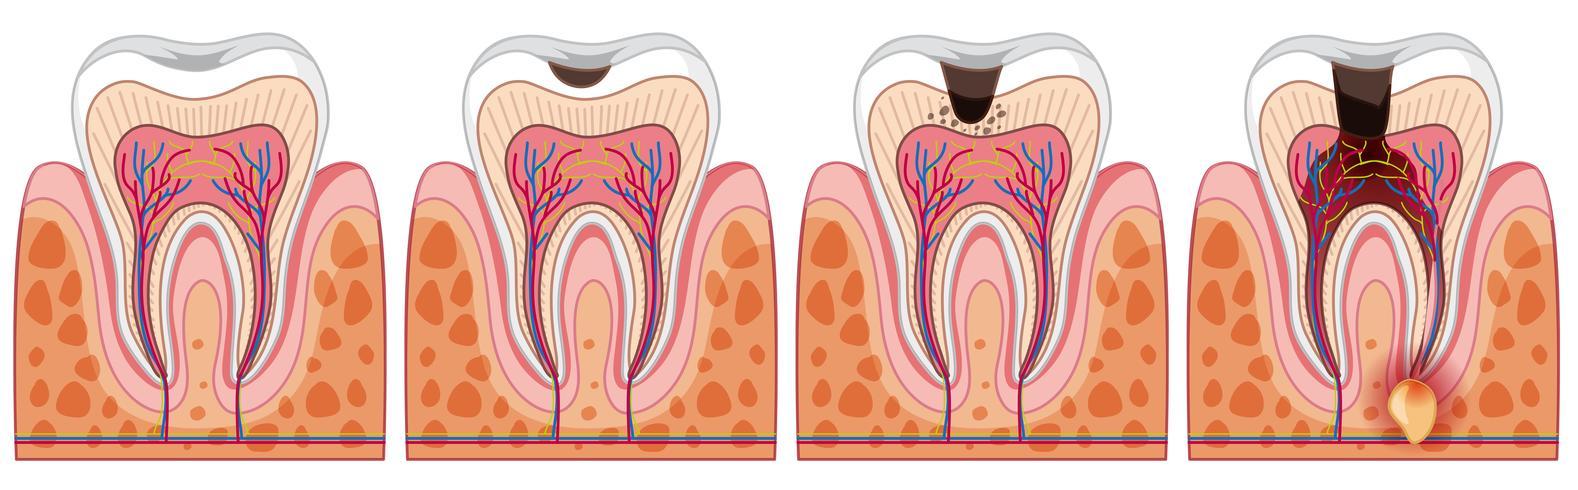 En uppsättning mänsklig tand vektor